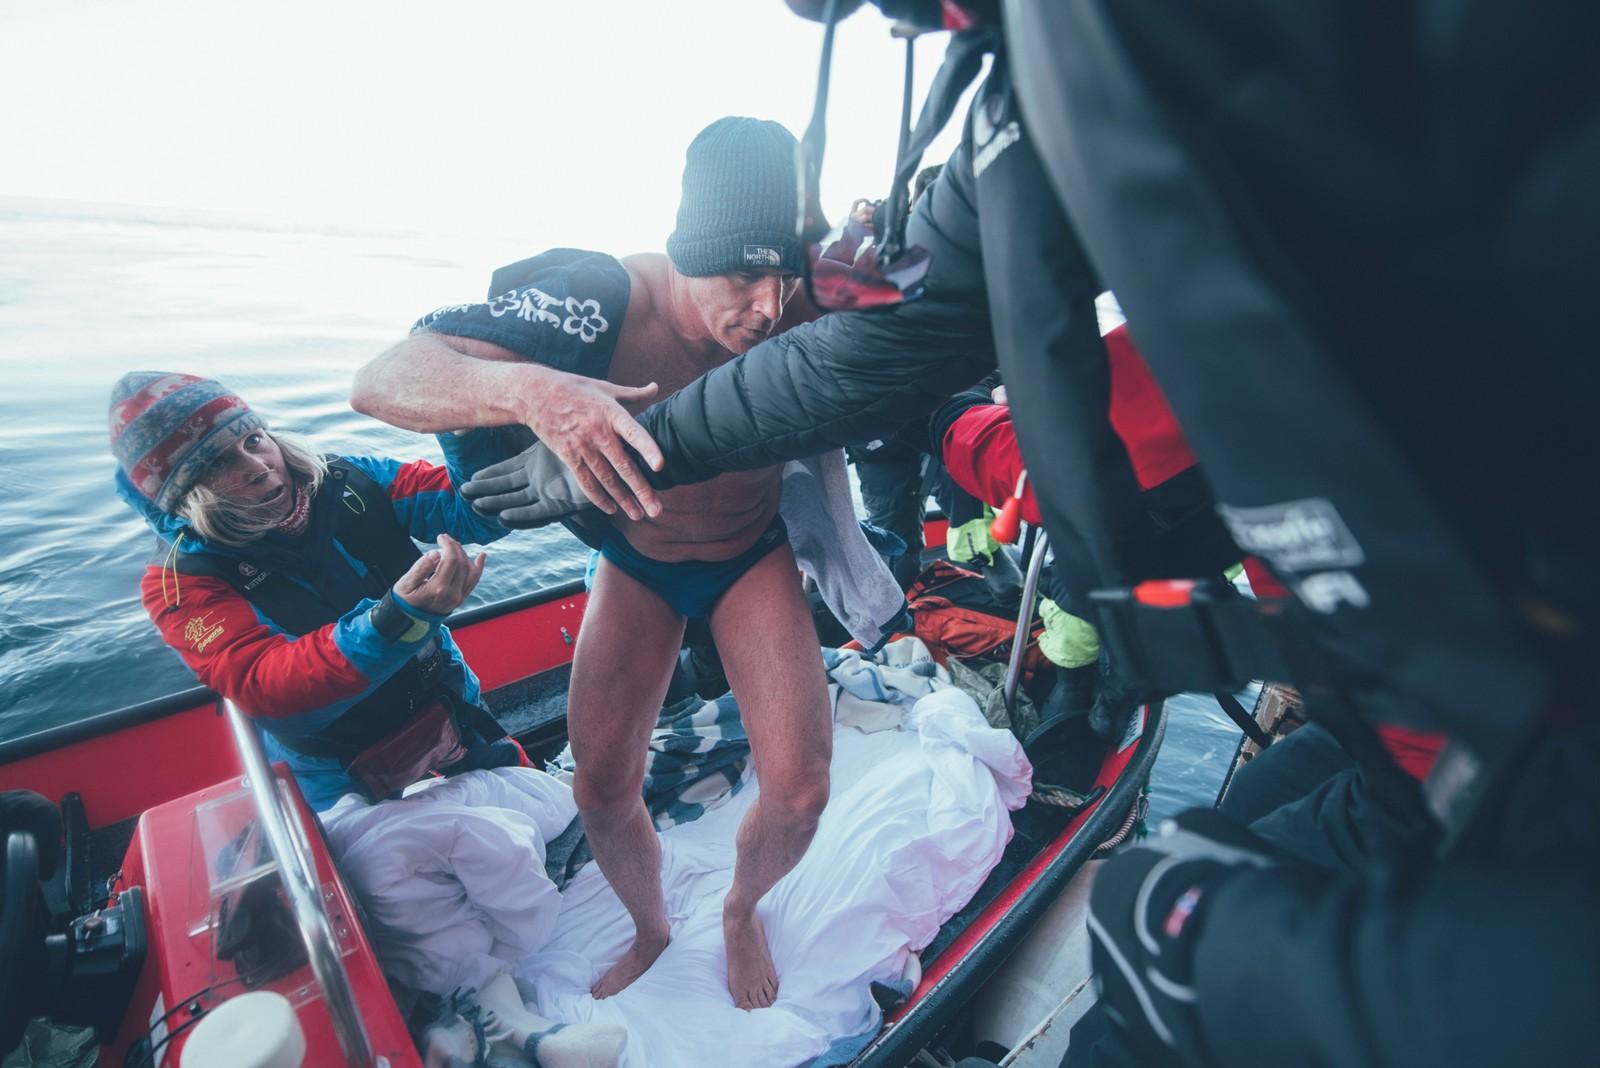 Lewis Pugh var rimelig kald da han gikk fra følgebåpten om bord i skipet som skulle frakte han tilbake til Longyearbyen.